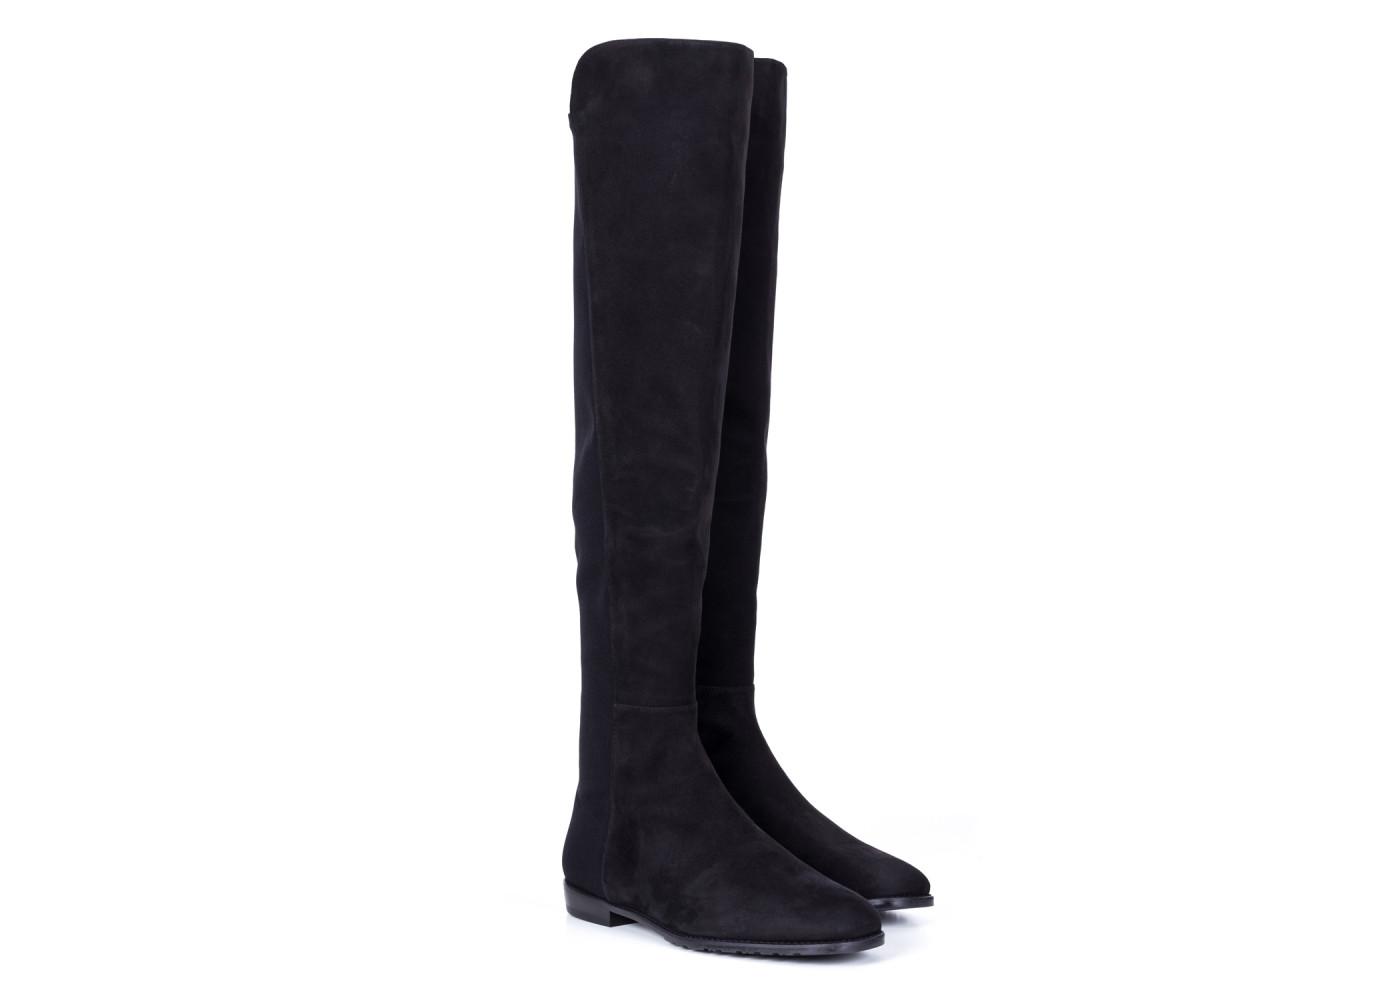 czarne-zamszowe-kozaki-damskie-z-elastycznym-materialem-stuart-weitzman-via-della-spiga-d18